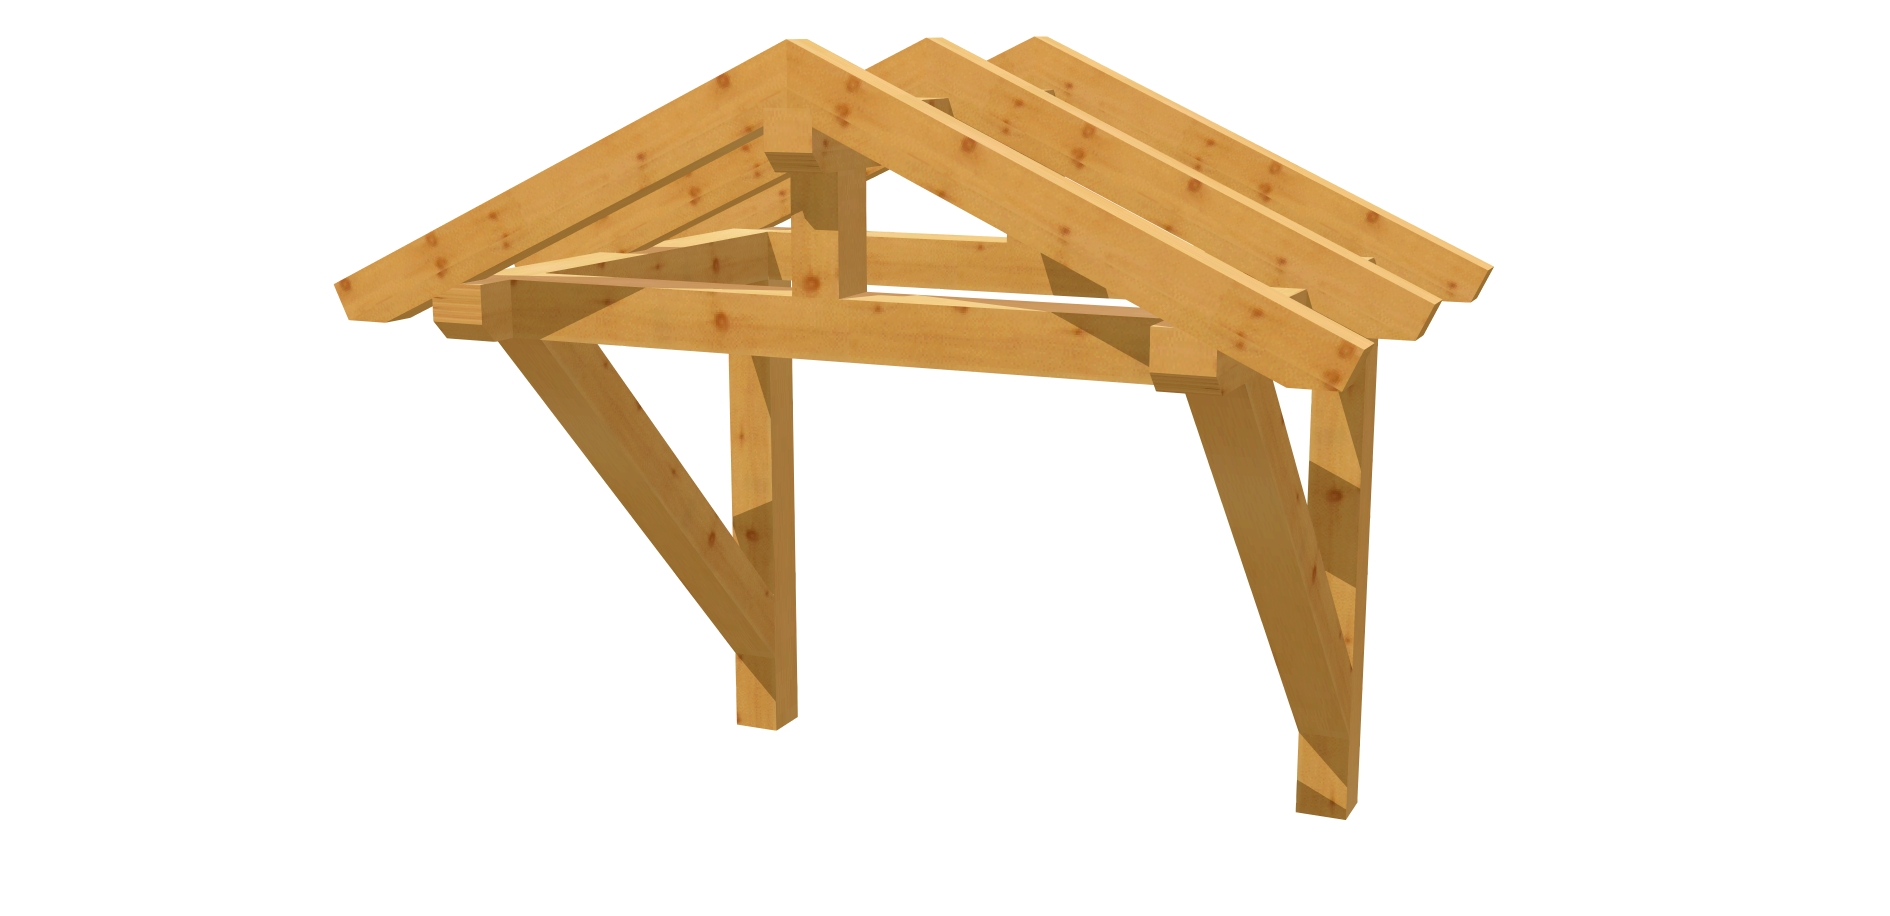 holz-vordach selber bauen - holz-bauplan.de